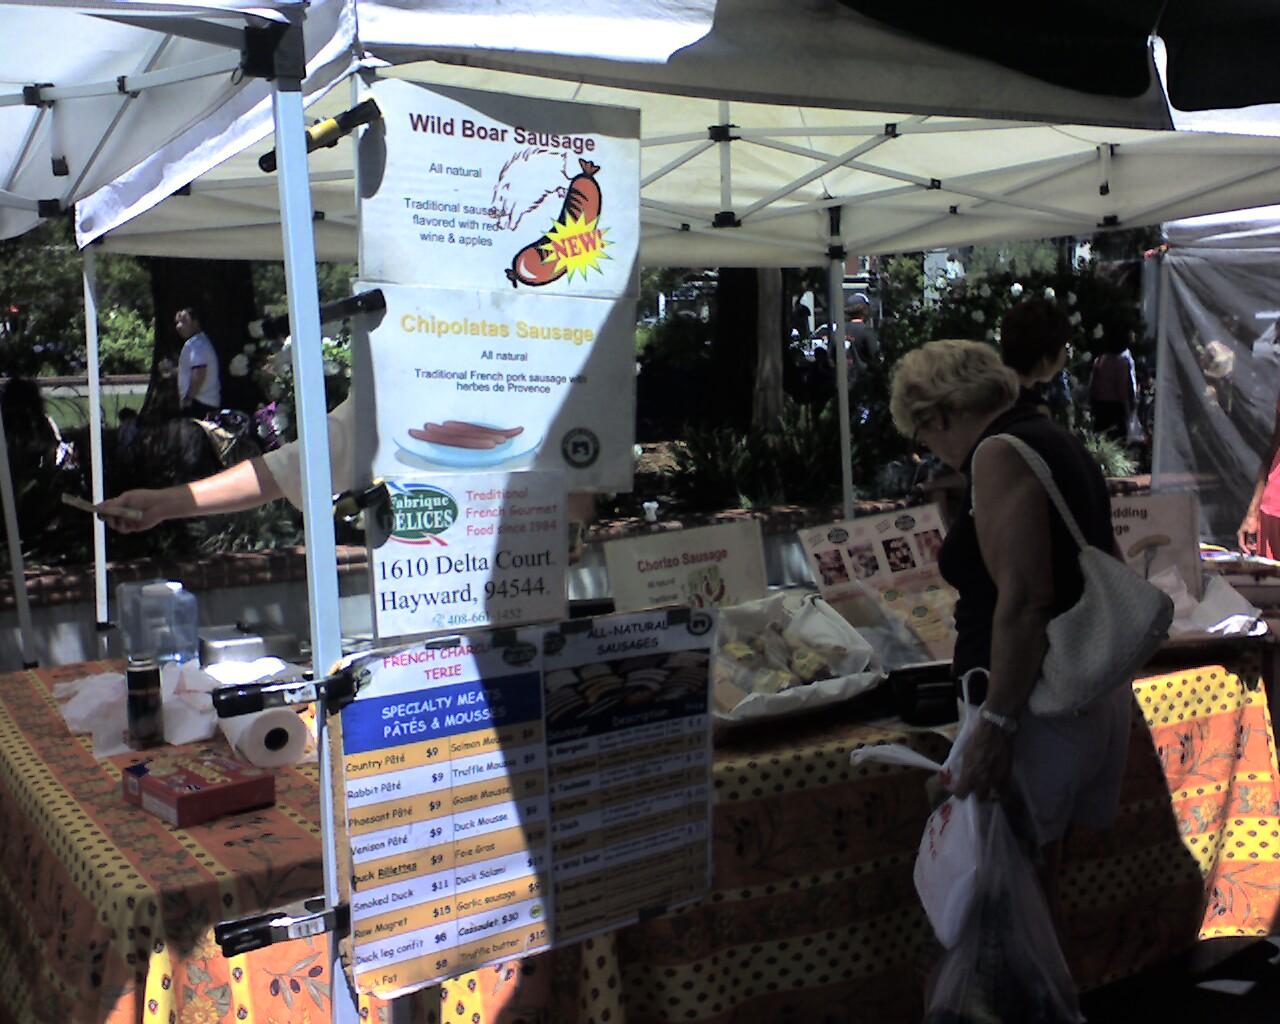 Farmers Market wild boar sausage - Visit the Los Gatos Farmer's Market!